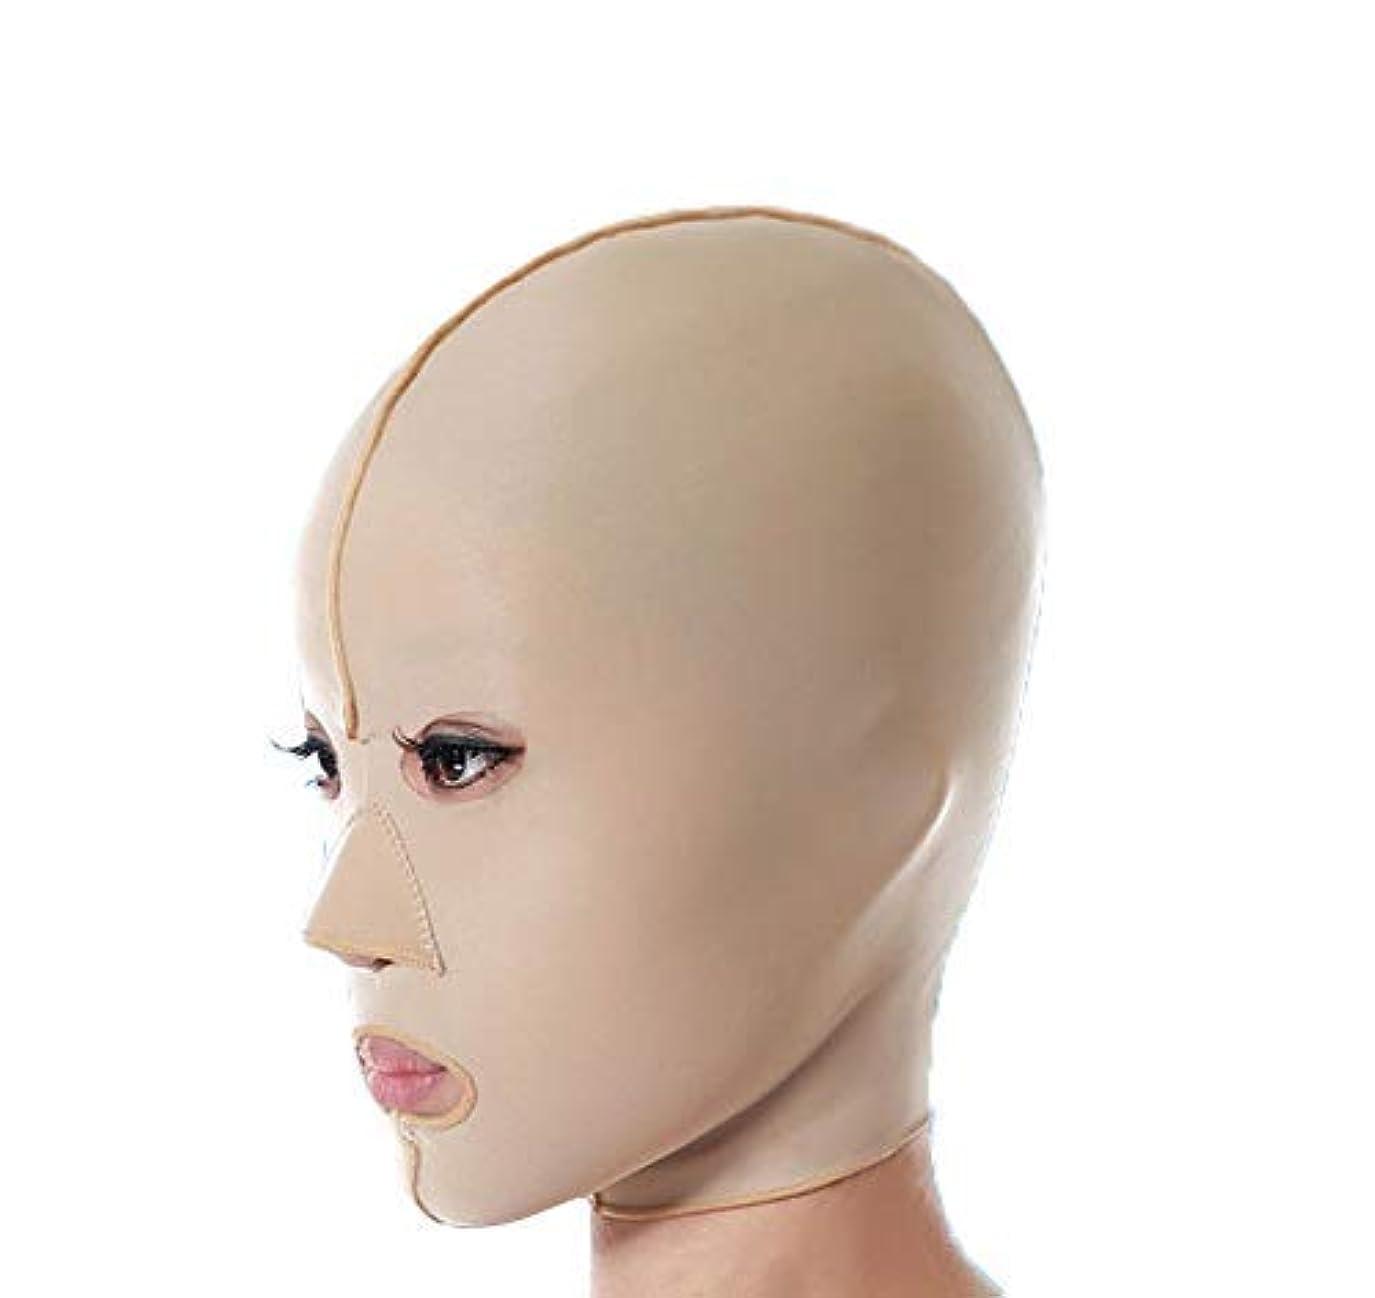 セレナ煙突泥だらけファーミングフェイスマスク、フェイシャルマスク医学強力なフェイスマスクアーティファクト美容垂れ防止法パターンフェイシャルリフティングファーミングフルフェイスマスク(サイズ:M),Xl